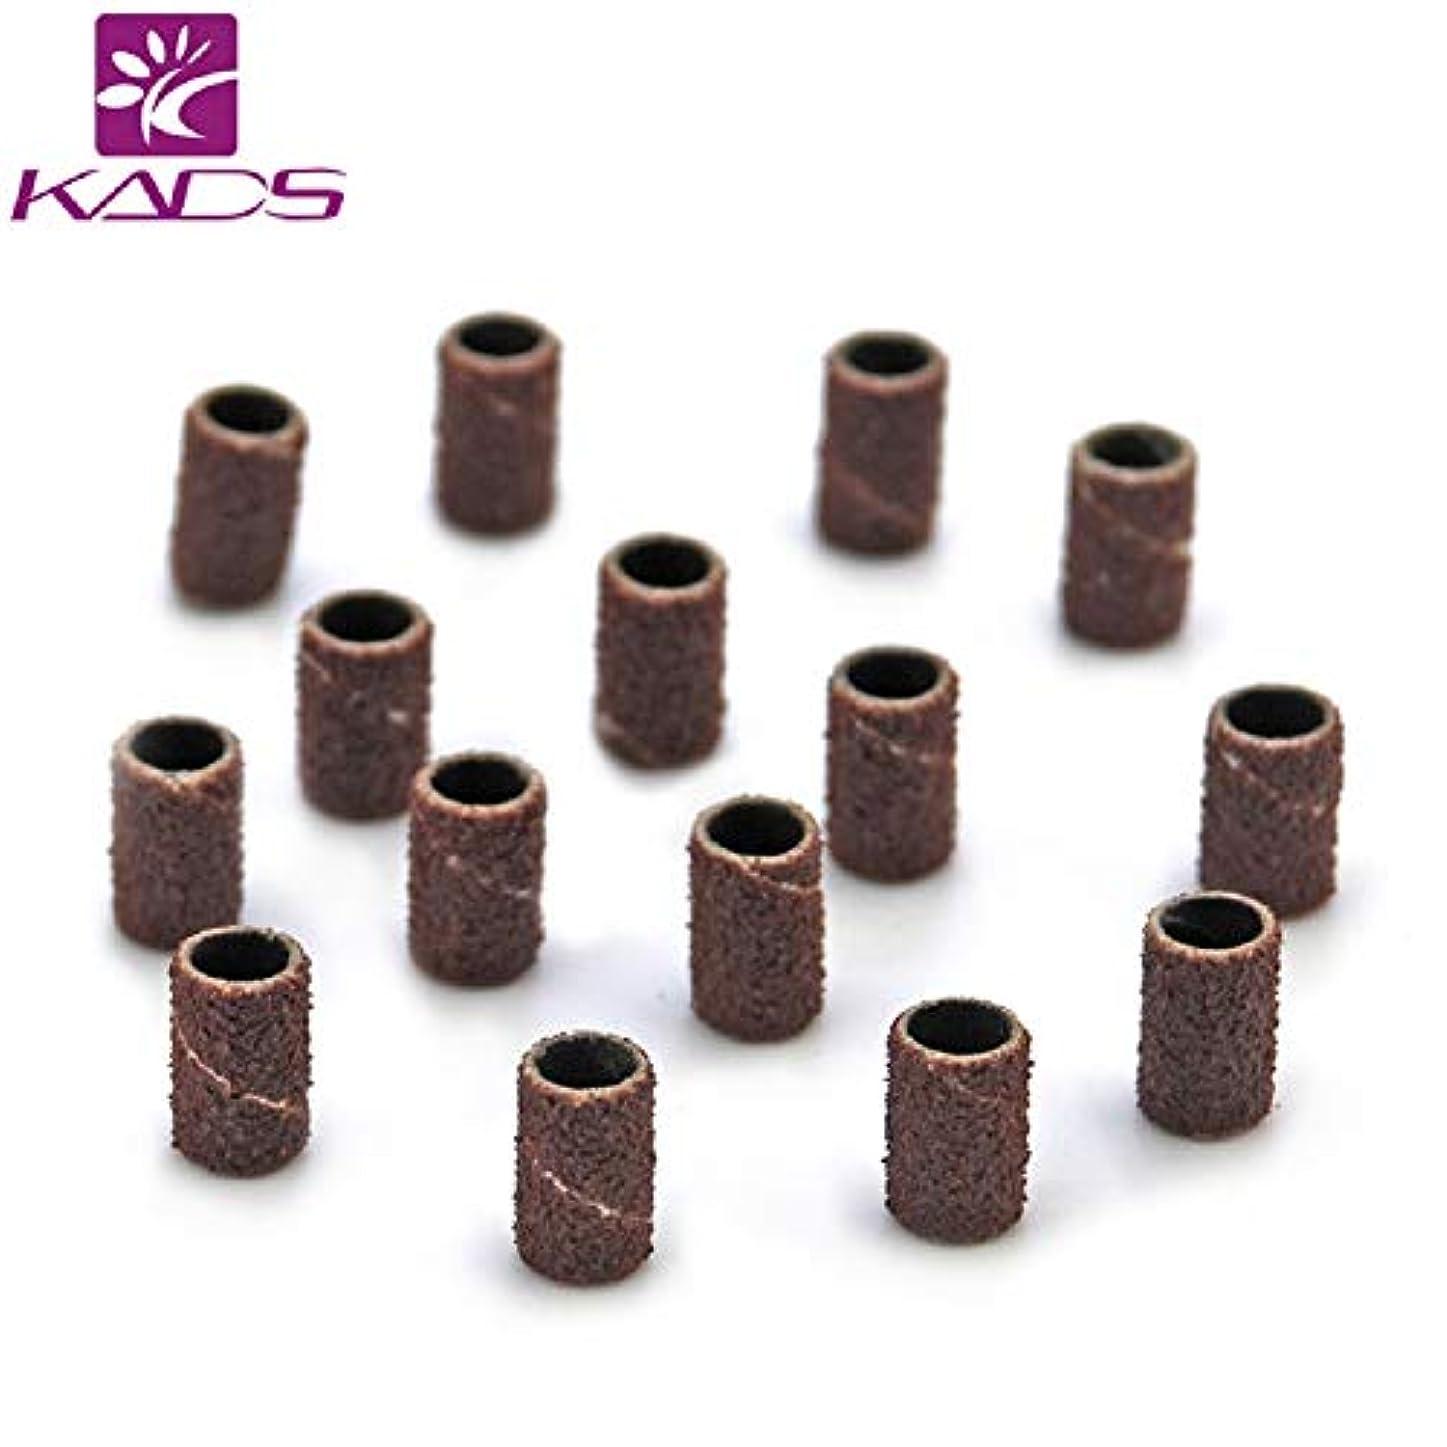 作り送金先例KADS高品質サンディングバンド 150個入り ドラムサンダーセット 全5サイズ 研削、研磨 回転工具用